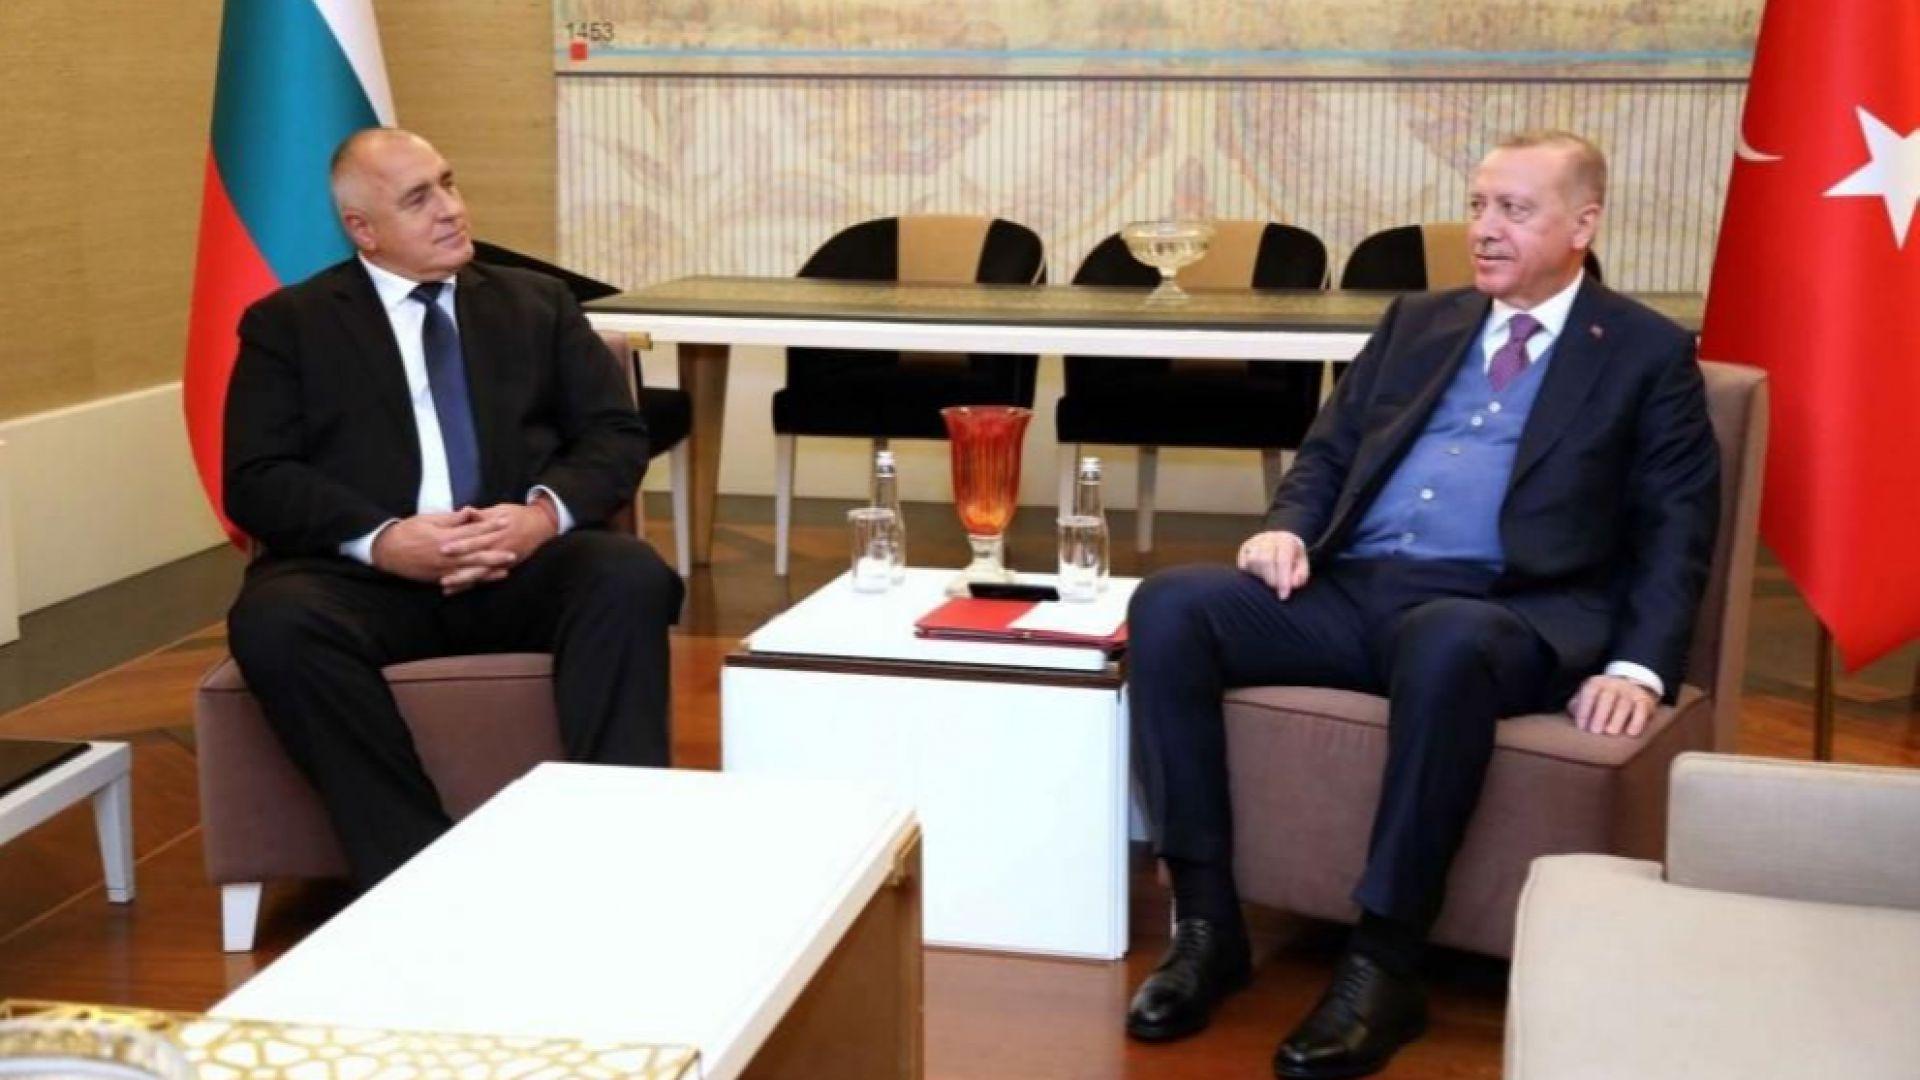 Борисов говори по телефона с Ердоган, коментирали са COVID-19 и туризма